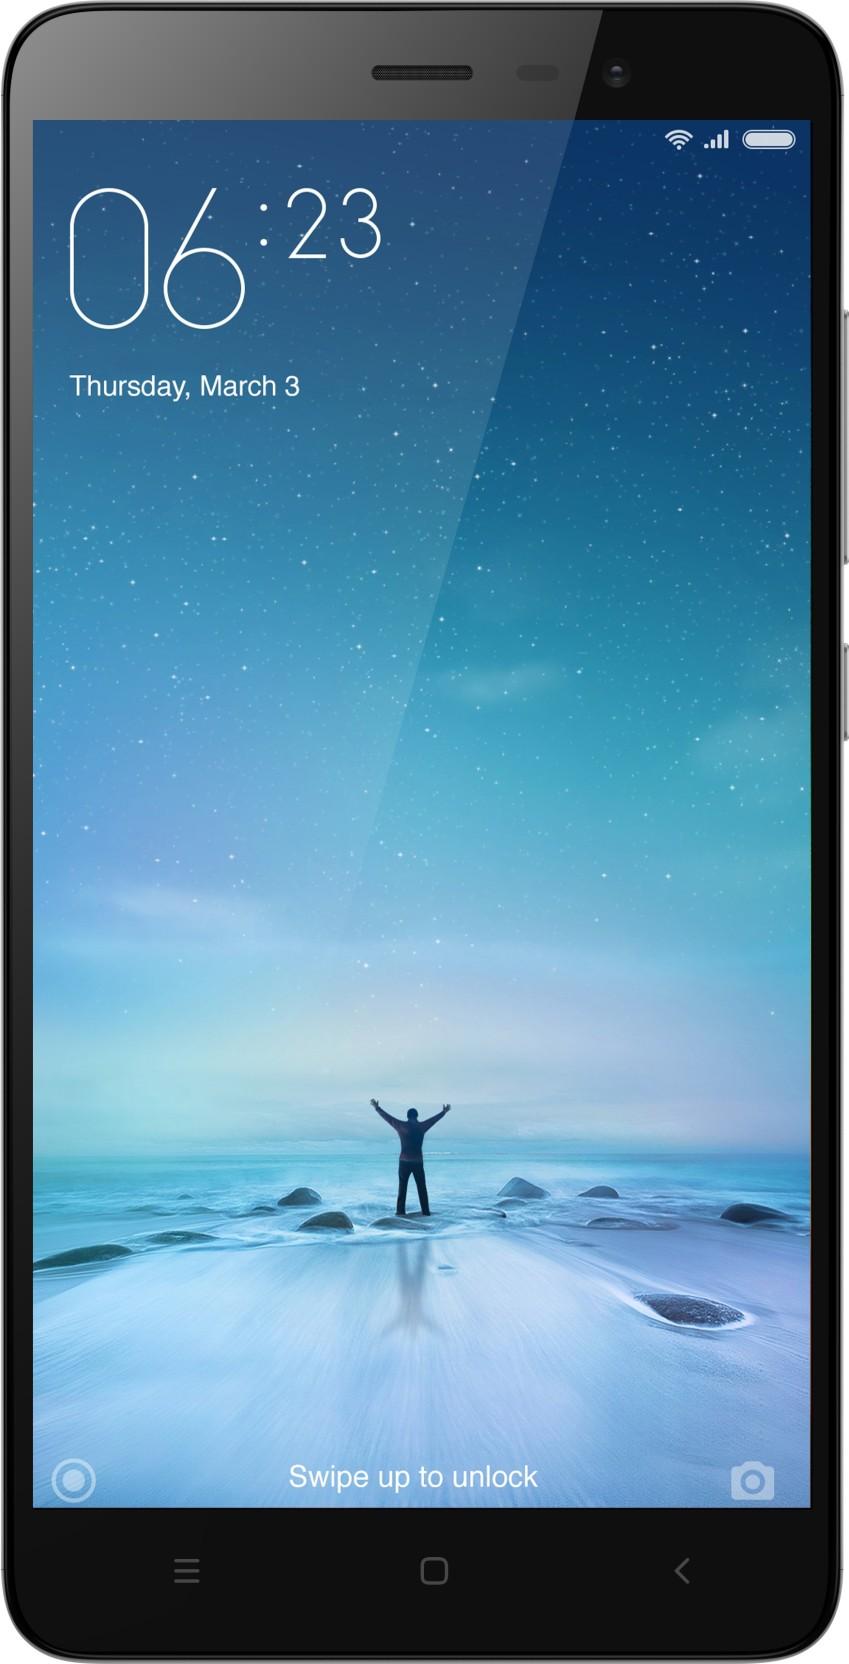 Redmi Note 3 Dark Grey 32 Gb Online At Best Price Only On Xiaomi Ram 2 16 Compare